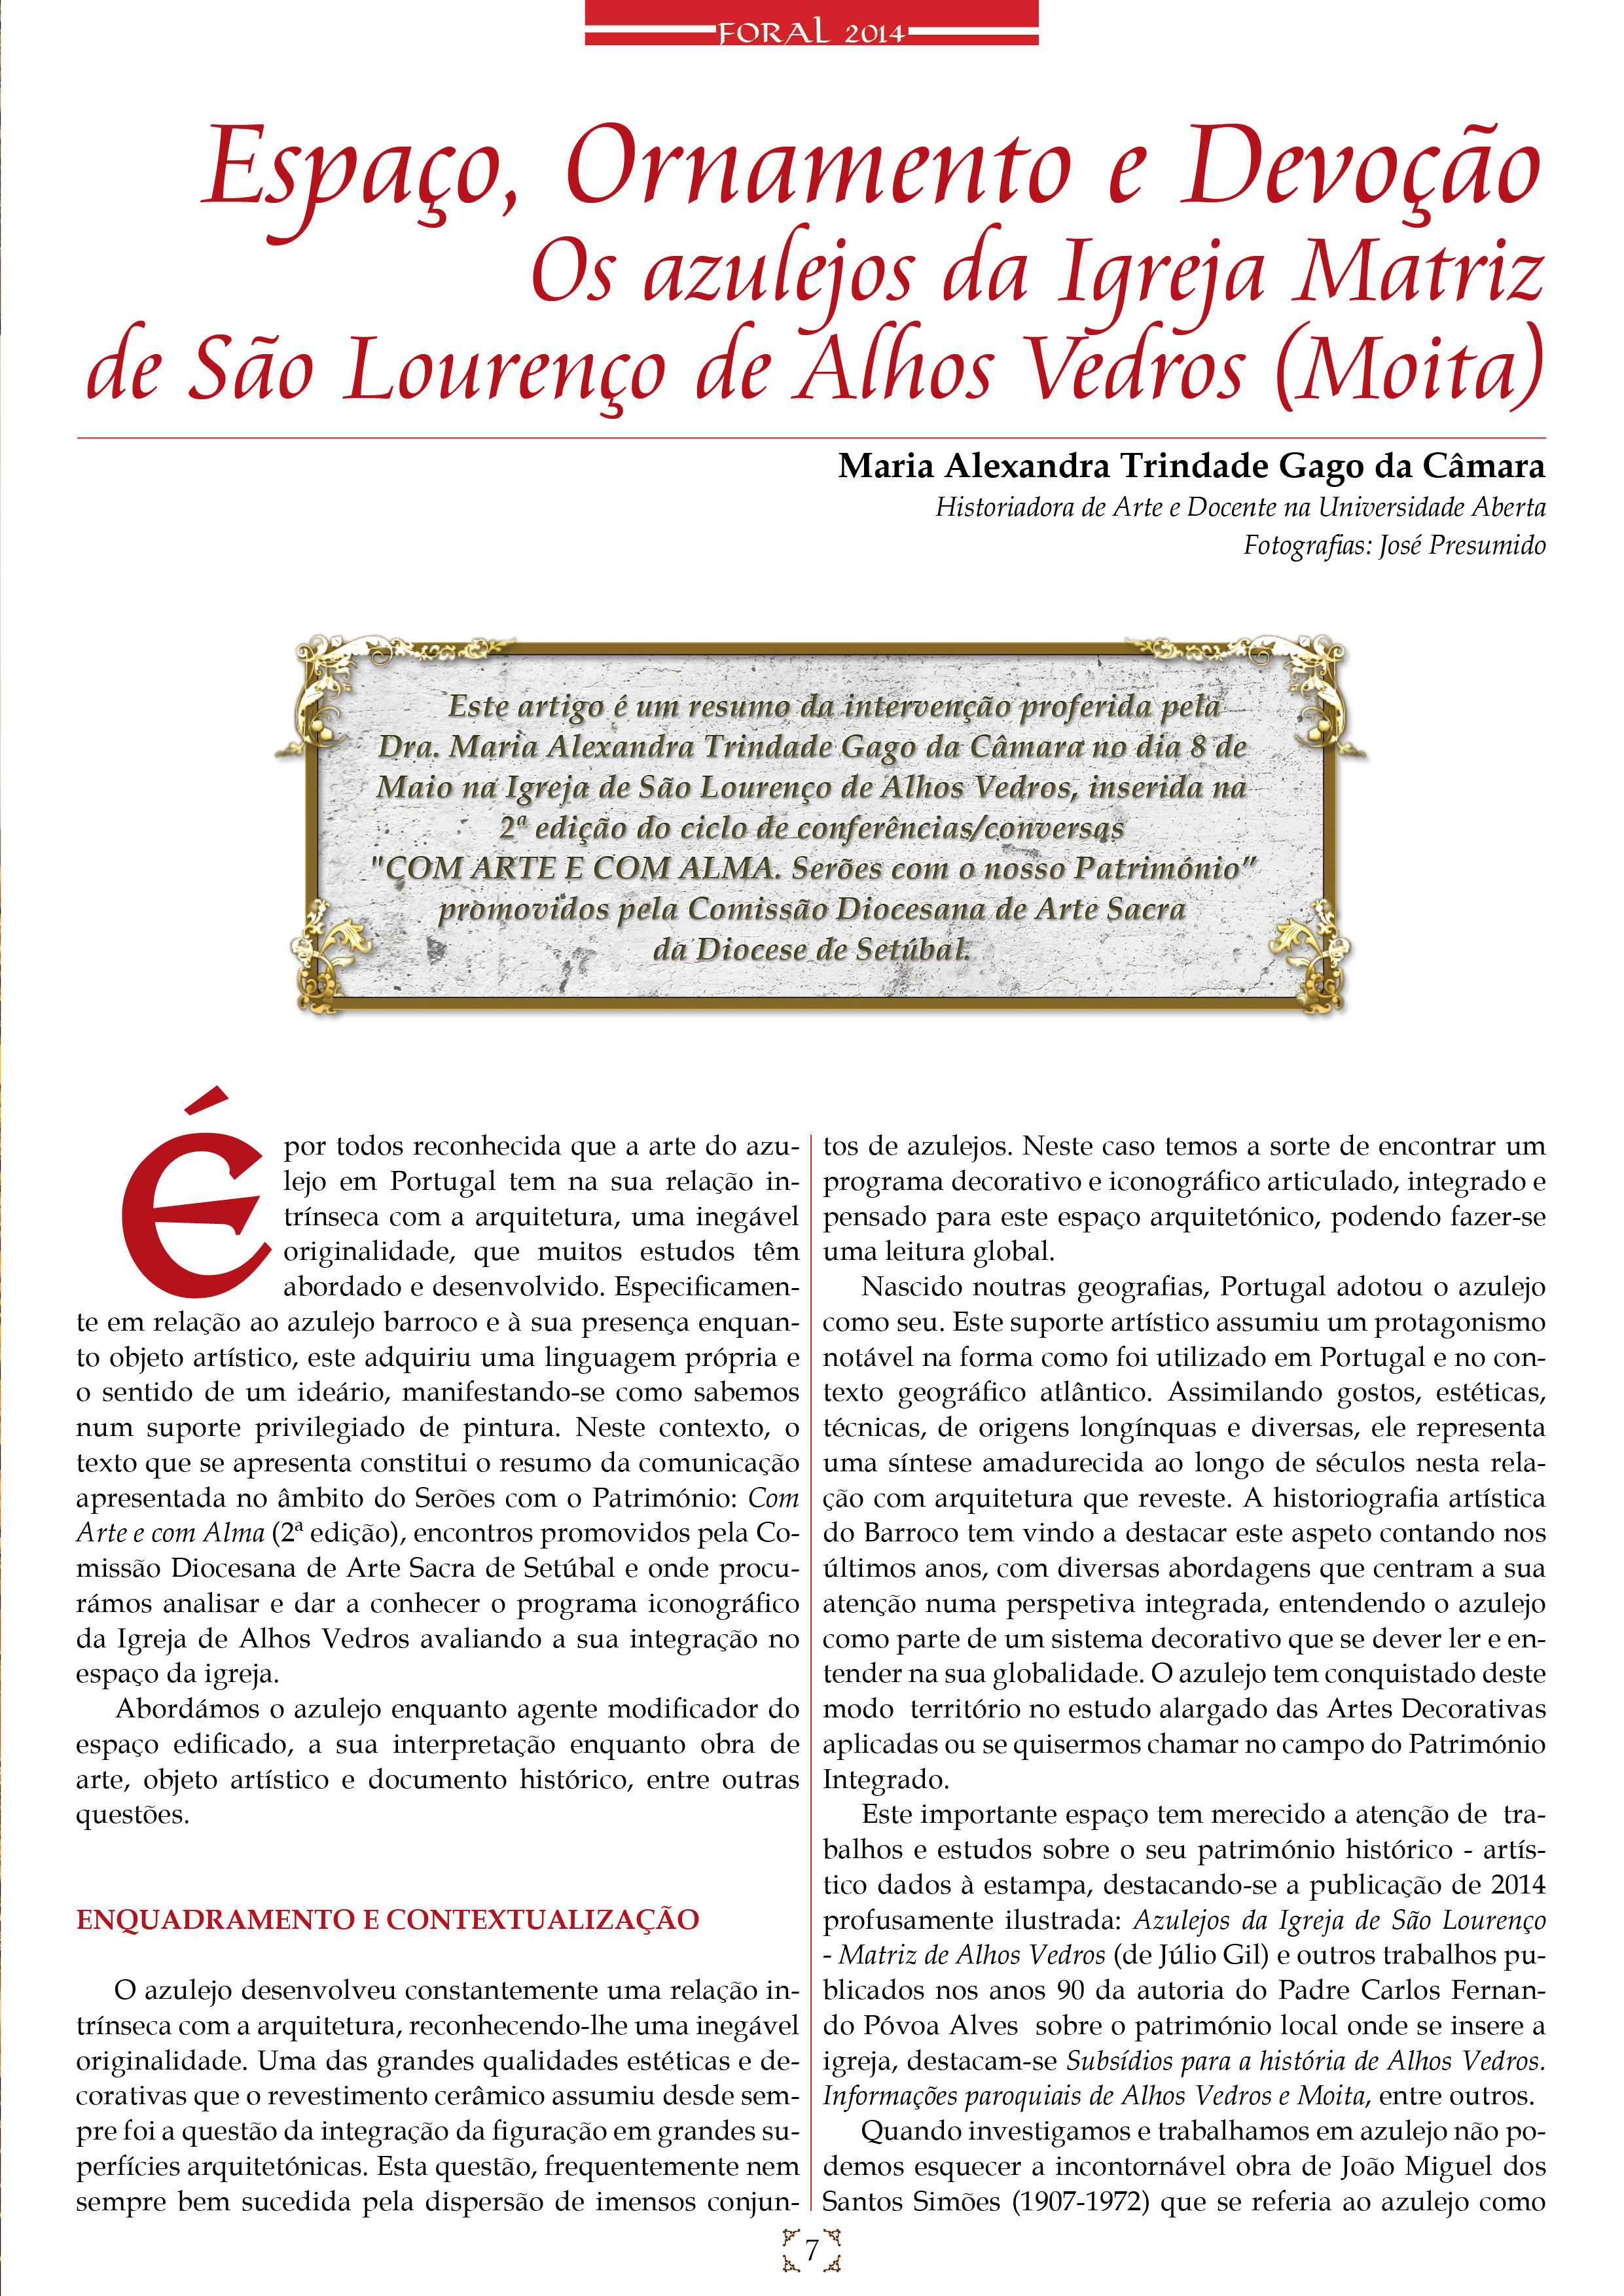 Foral2014_nº14_Junho_2018_(7)